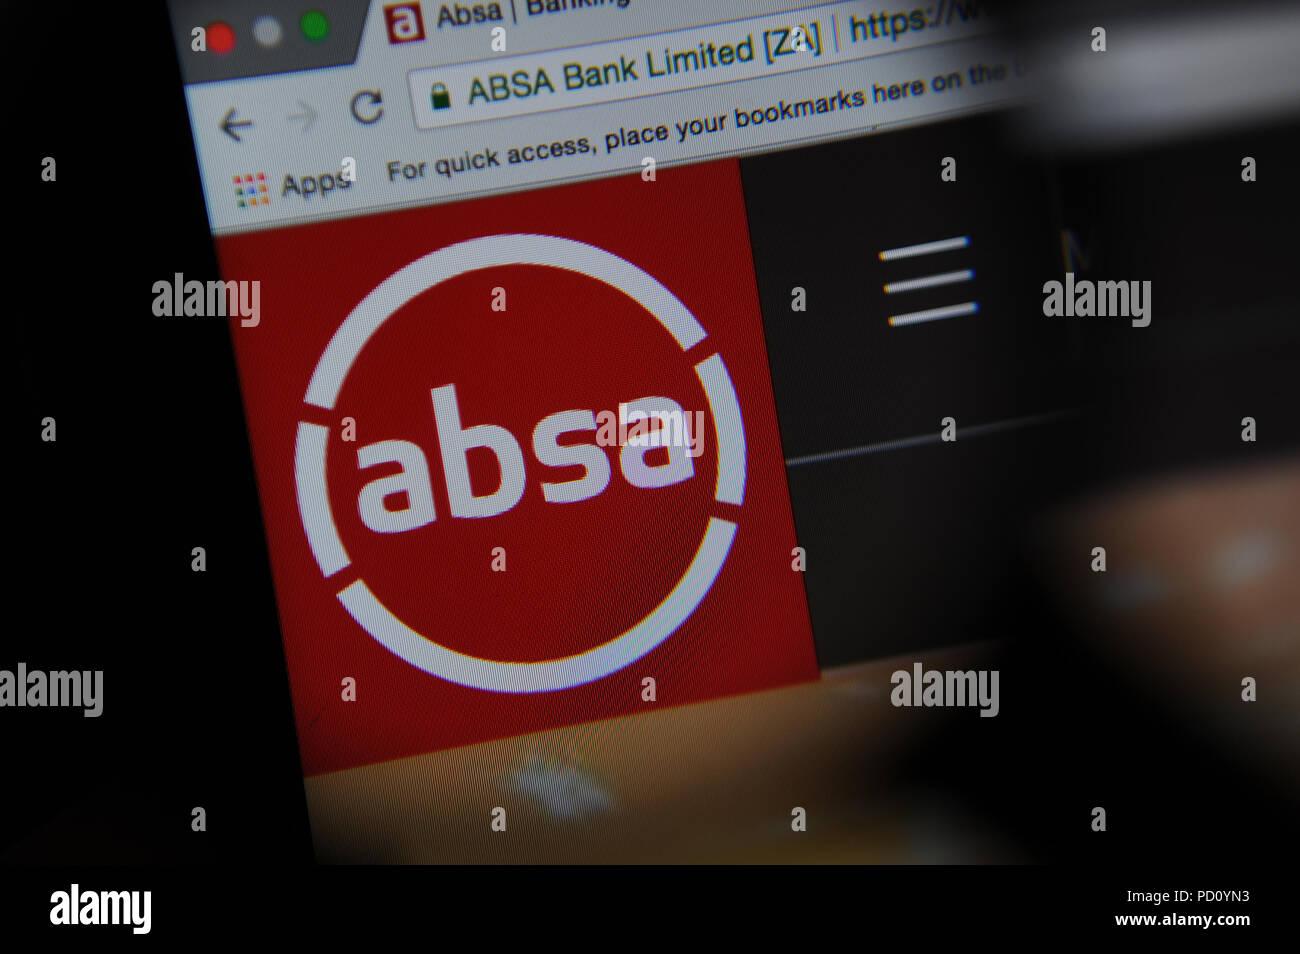 Absa Stock Photos & Absa Stock Images - Alamy